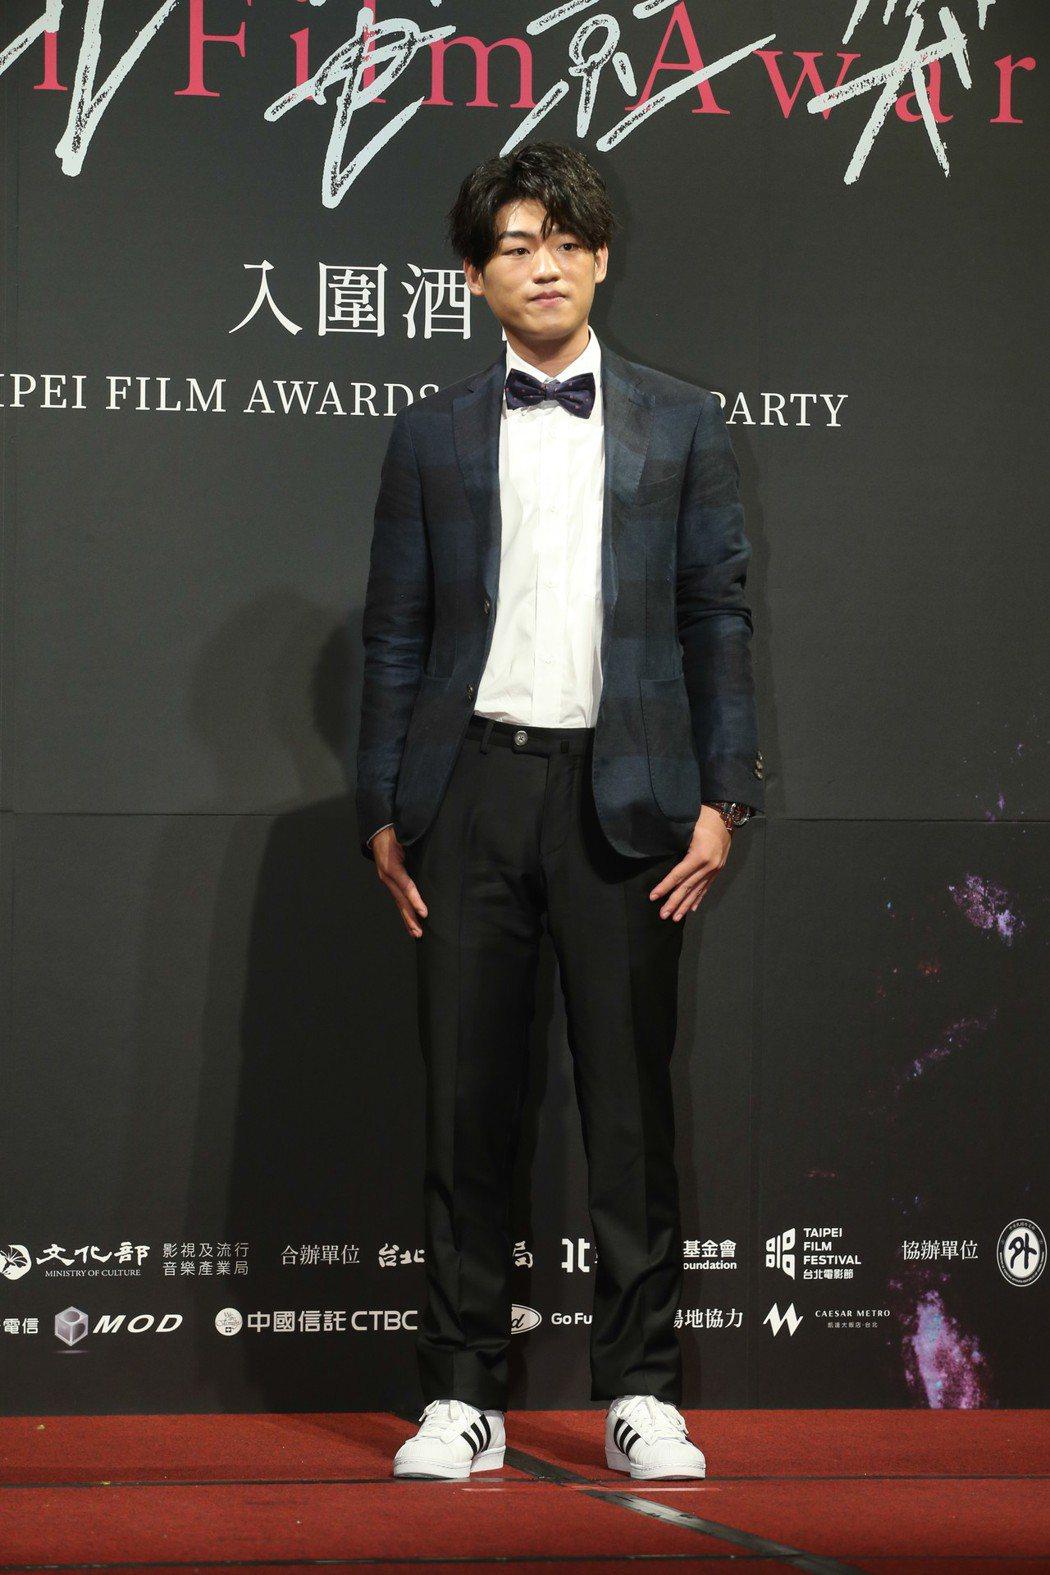 最佳新演員入圍者謝章穎昨天出席台北電影獎入圍酒會。記者葉信菉/攝影 葉信菉